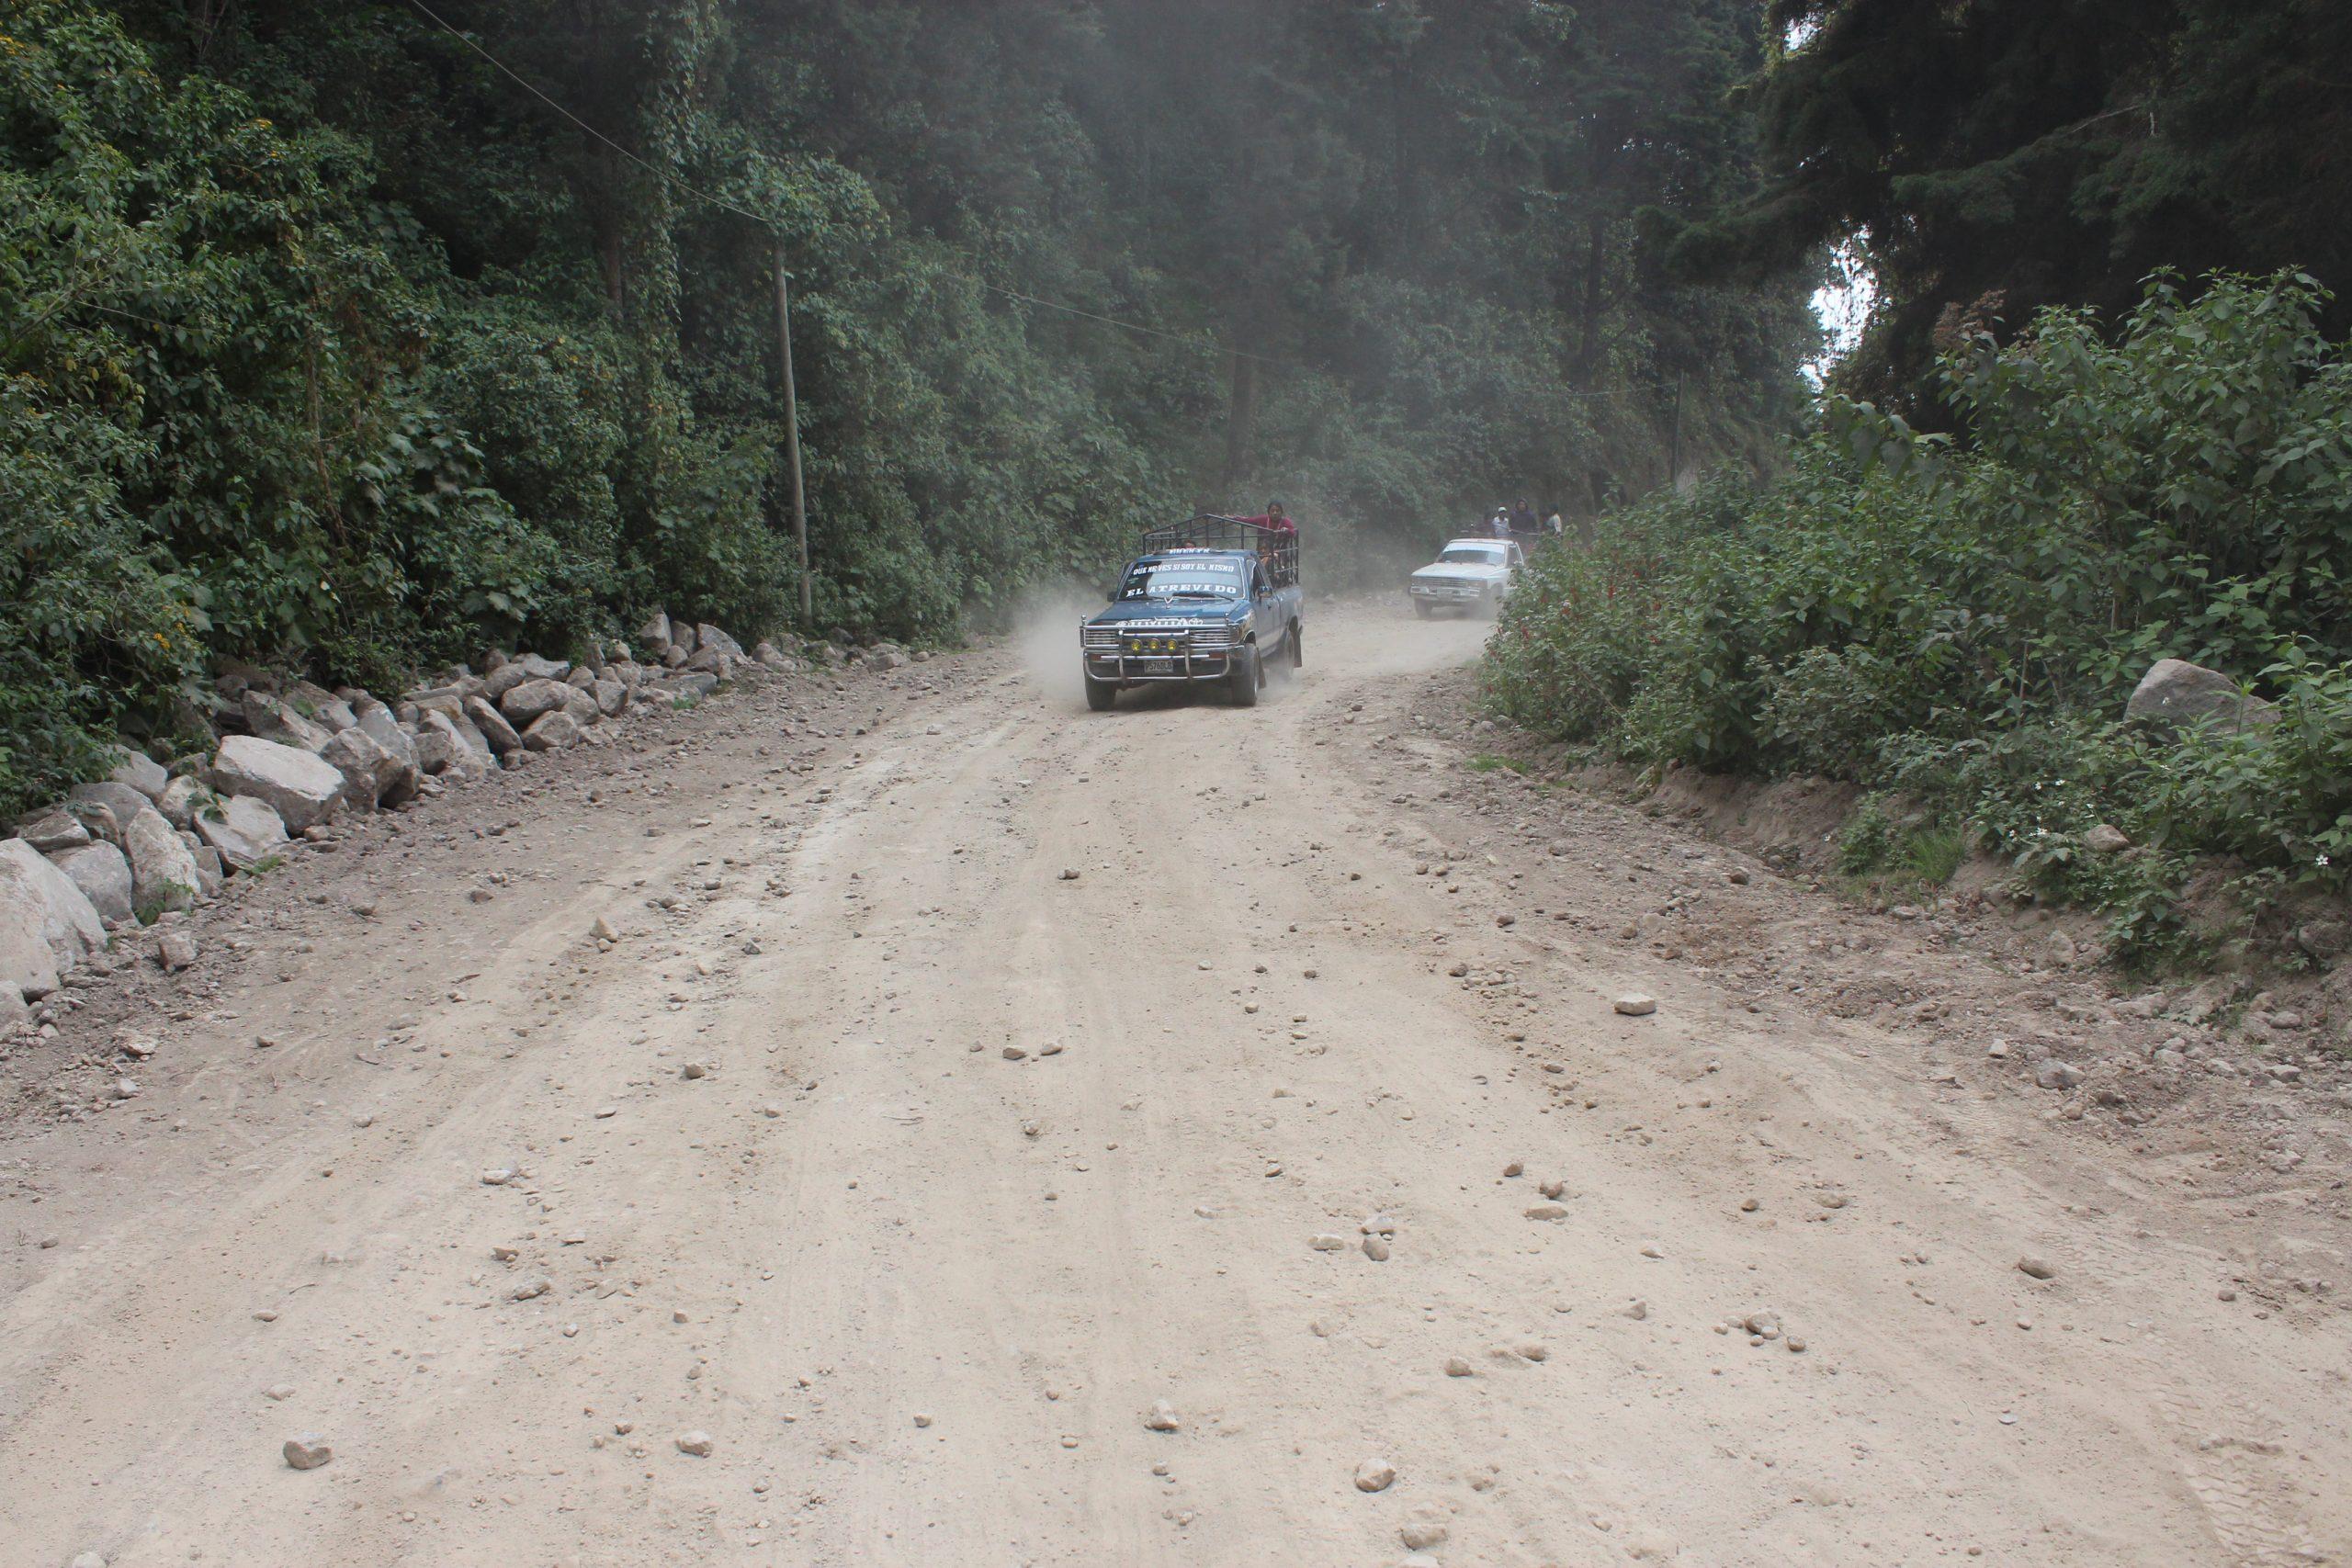 Vecinos de la aldea Las Majadas en Quetzaltenango transitan en un camino de terracería ya que no se les ha construido una carretera digna que han solicitado por más de 25 años.(Foto: Carlos Ventura)